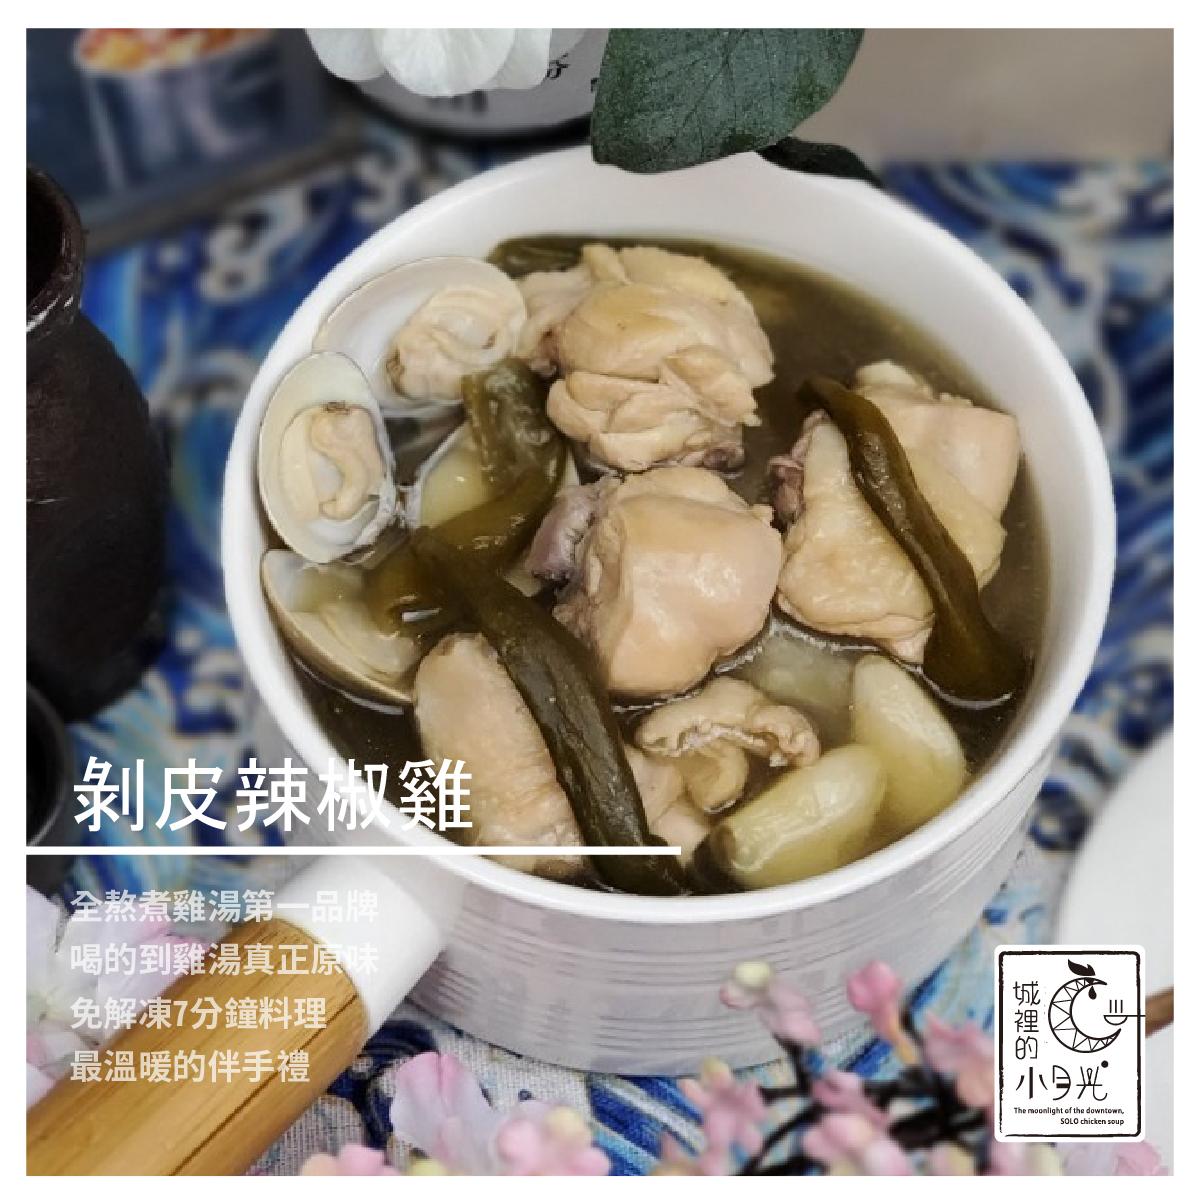 【城裡的小月光-單身雞湯】剝皮辣椒雞/包 (1-2人份)